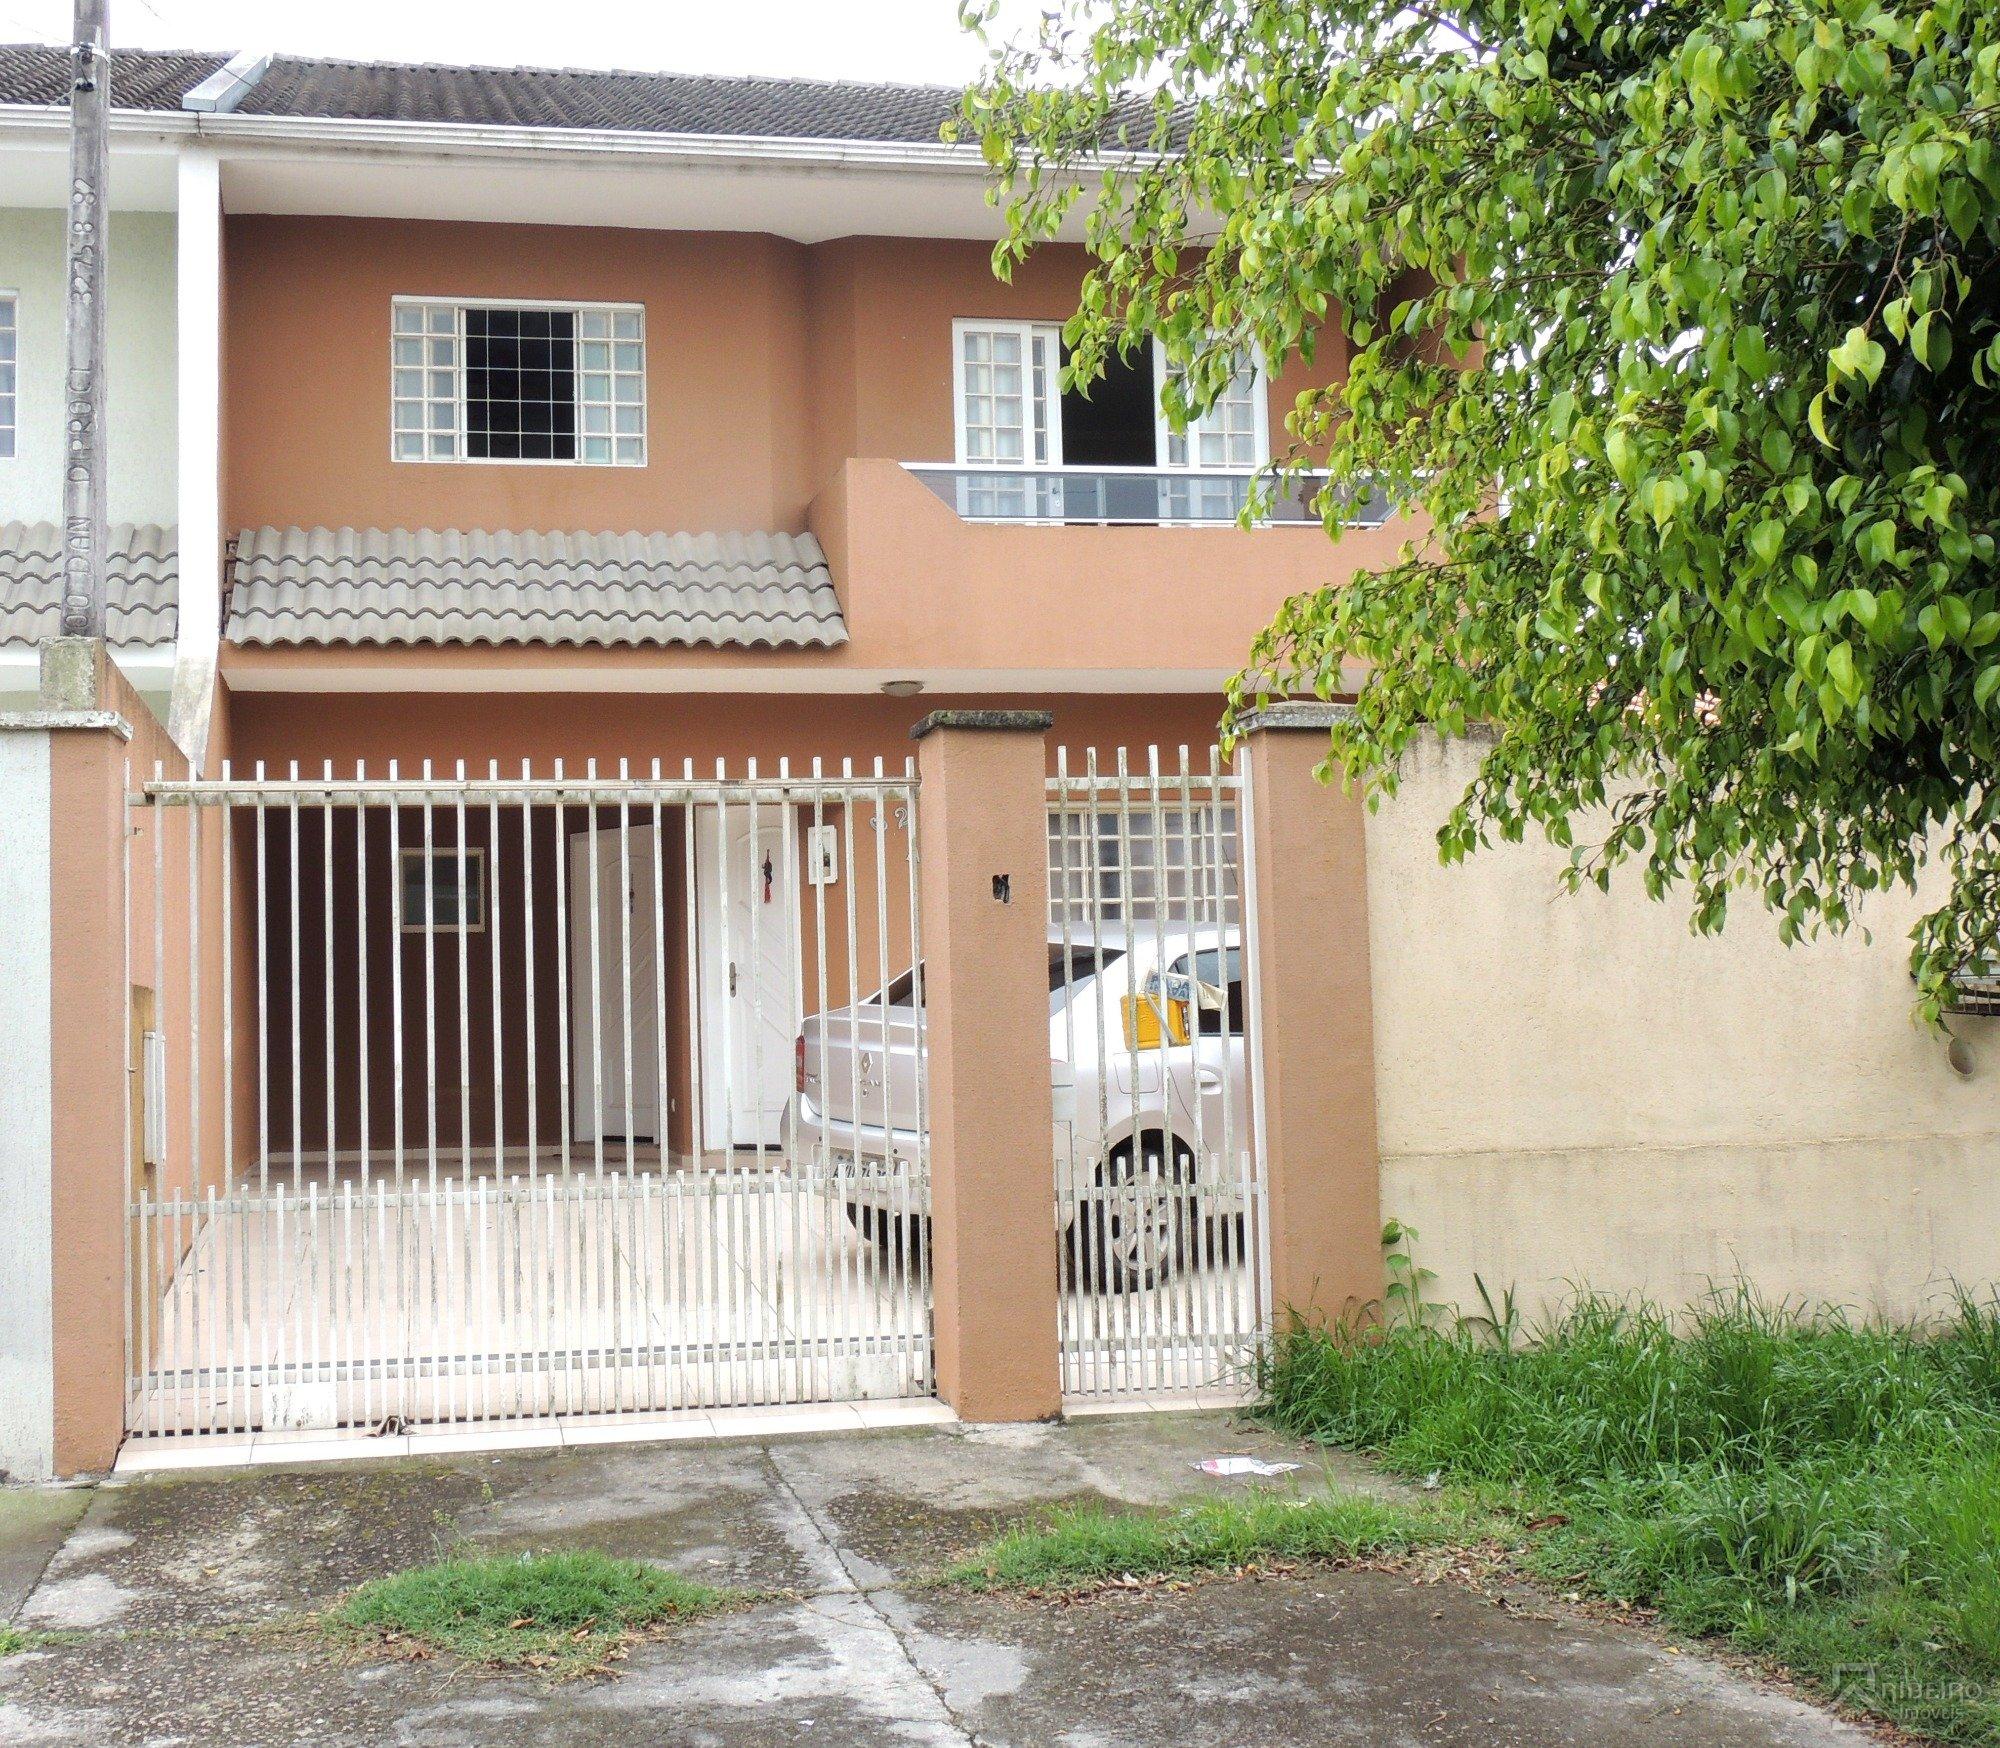 REF. 7505 -  Sao Jose Dos Pinhais - Rua  Francisco Beltrao, 625